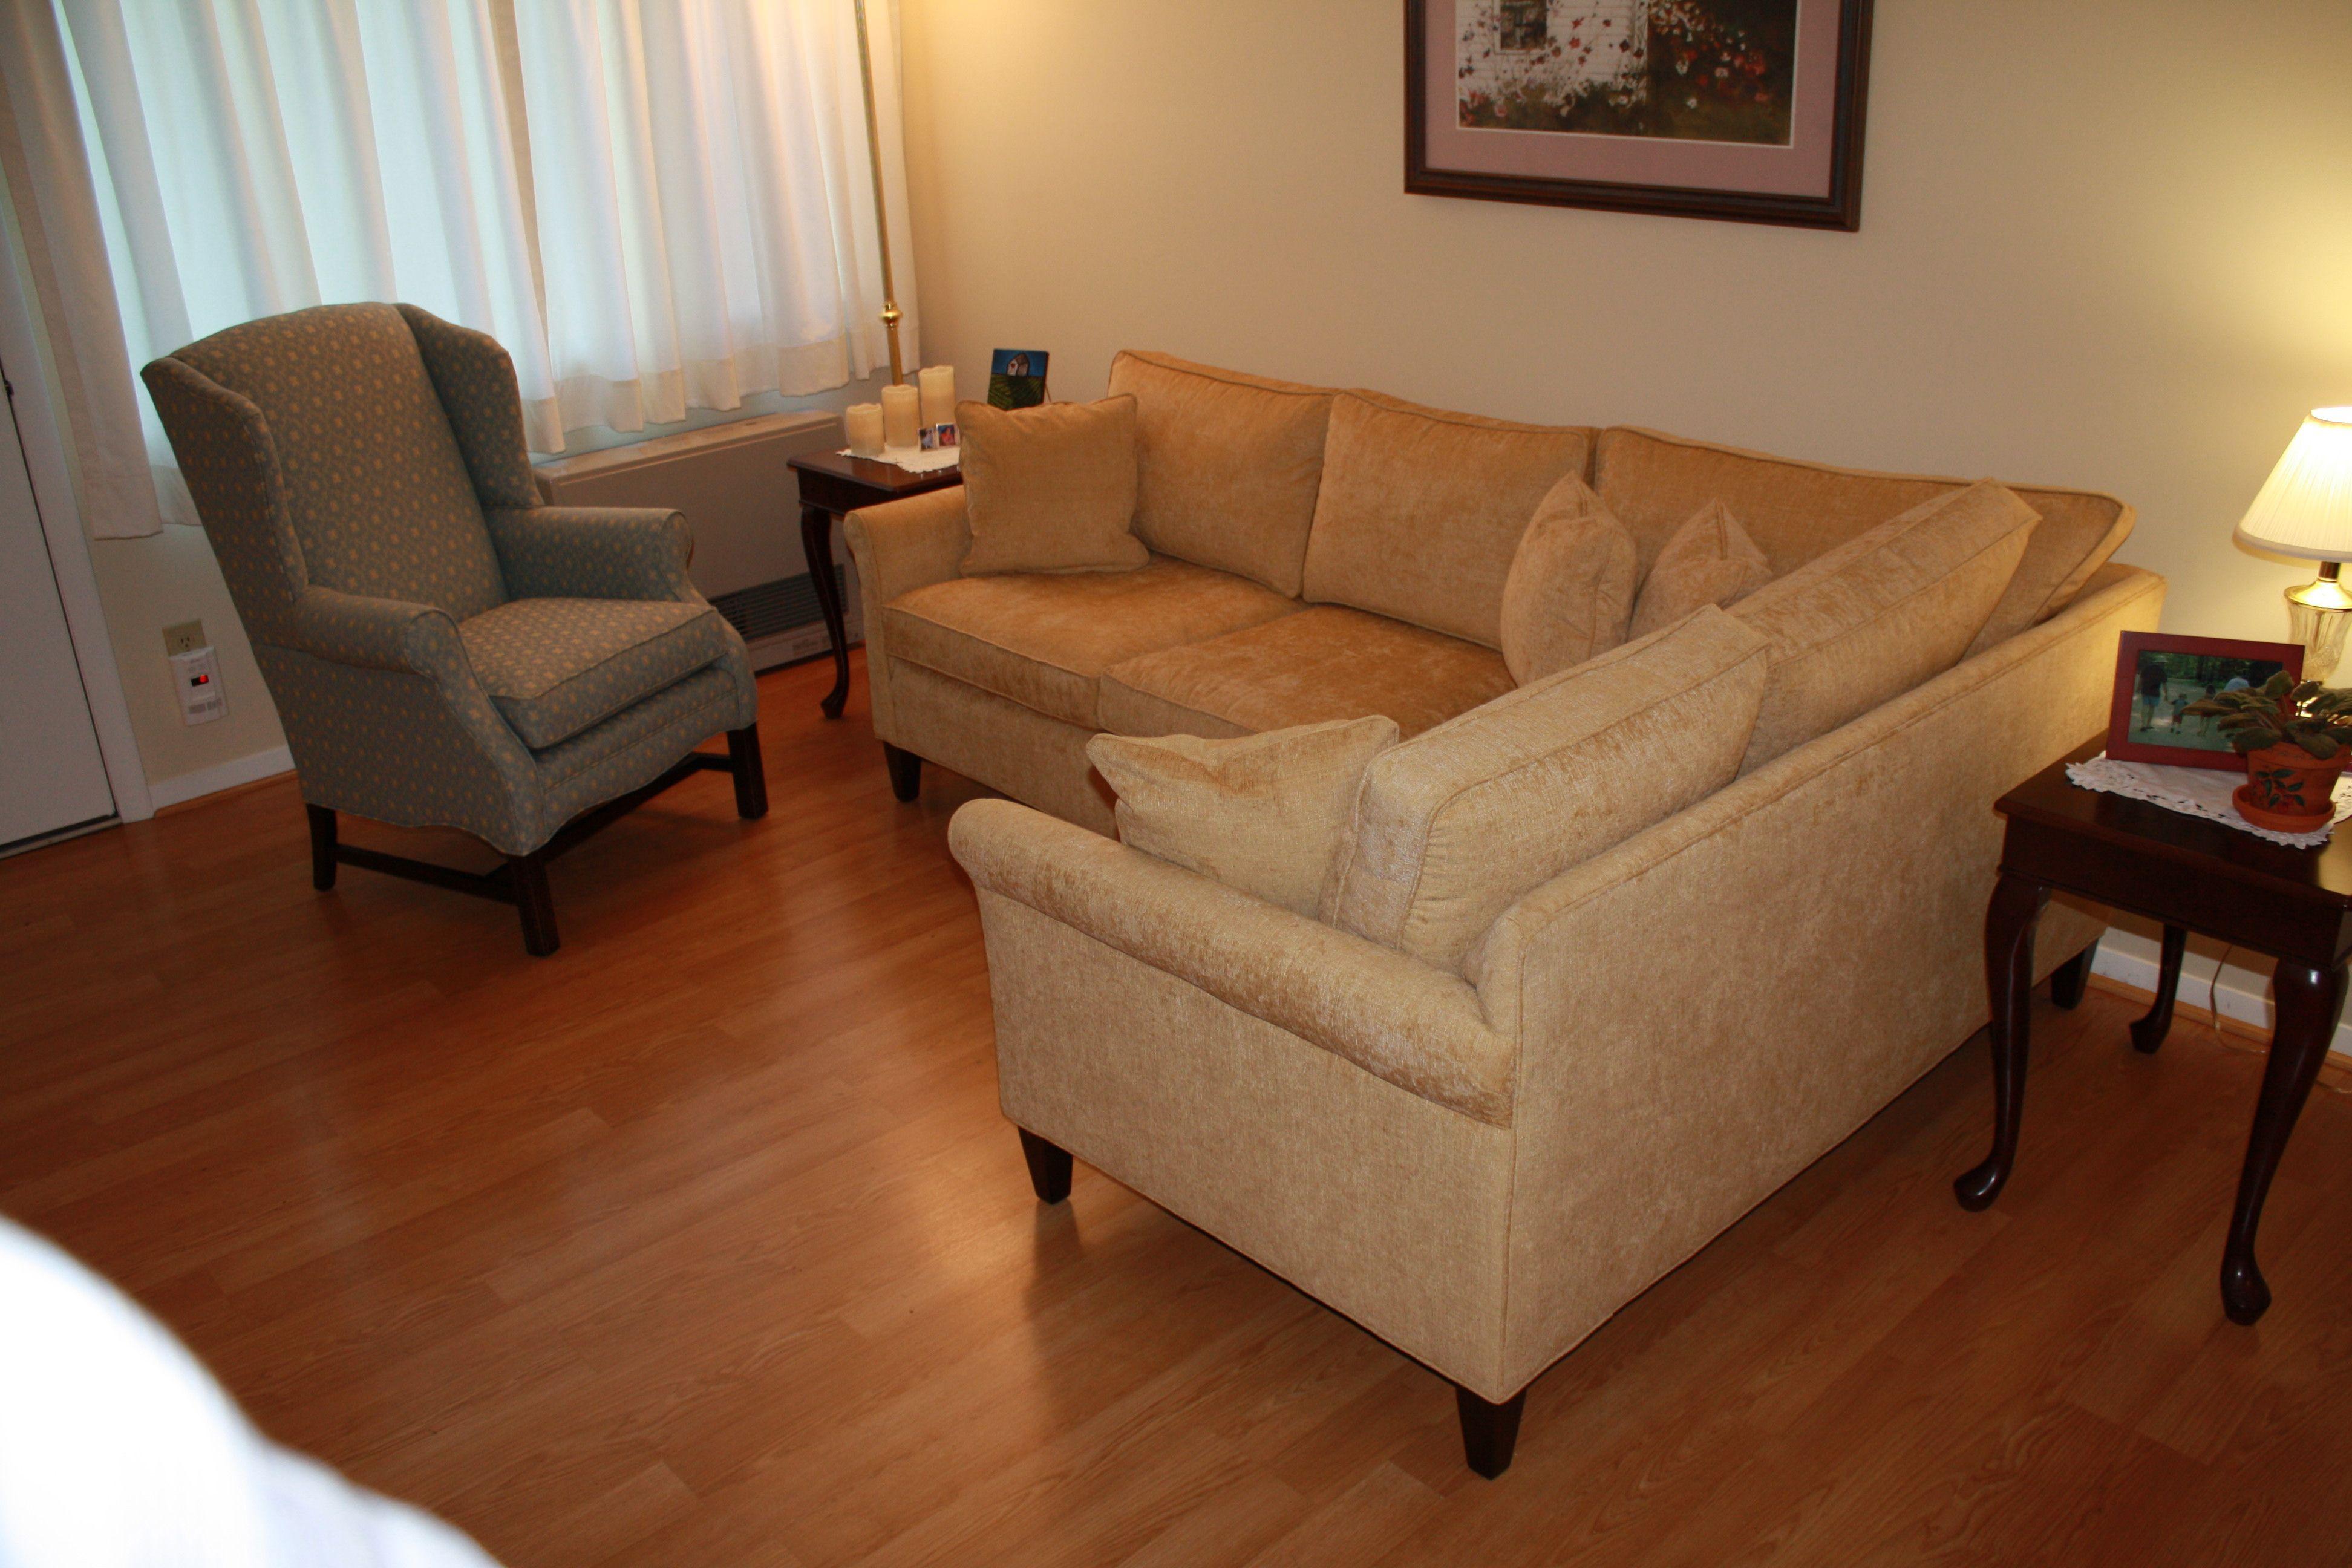 Flame Retardant Free Furniture